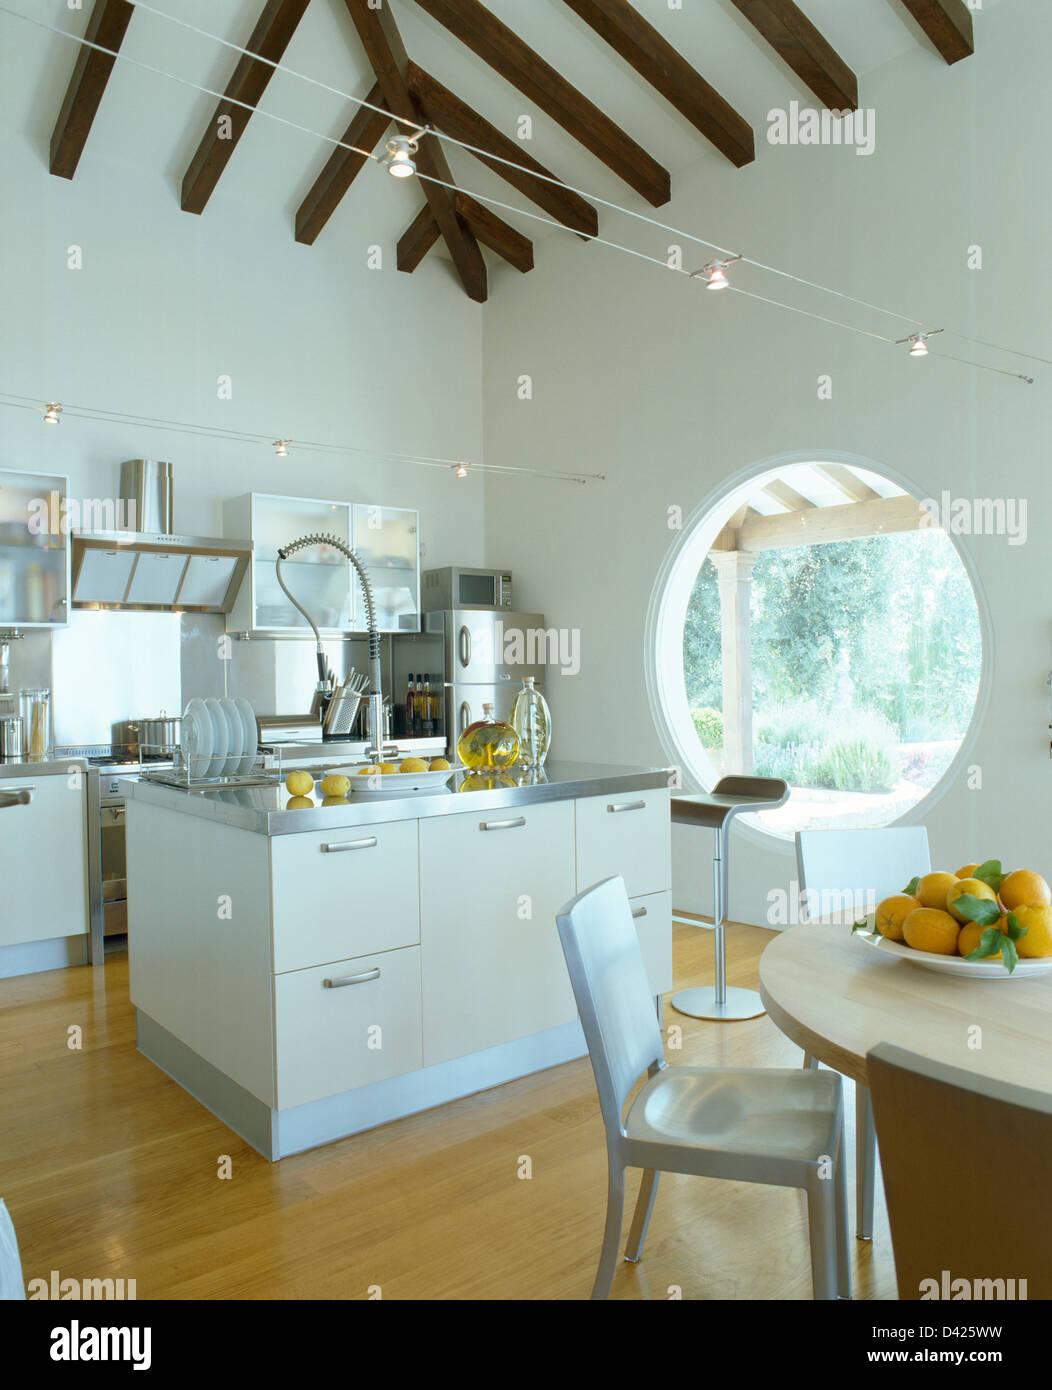 Mediterrane Kchen. Perfect Clove Kitchen Downtown Miami With ...